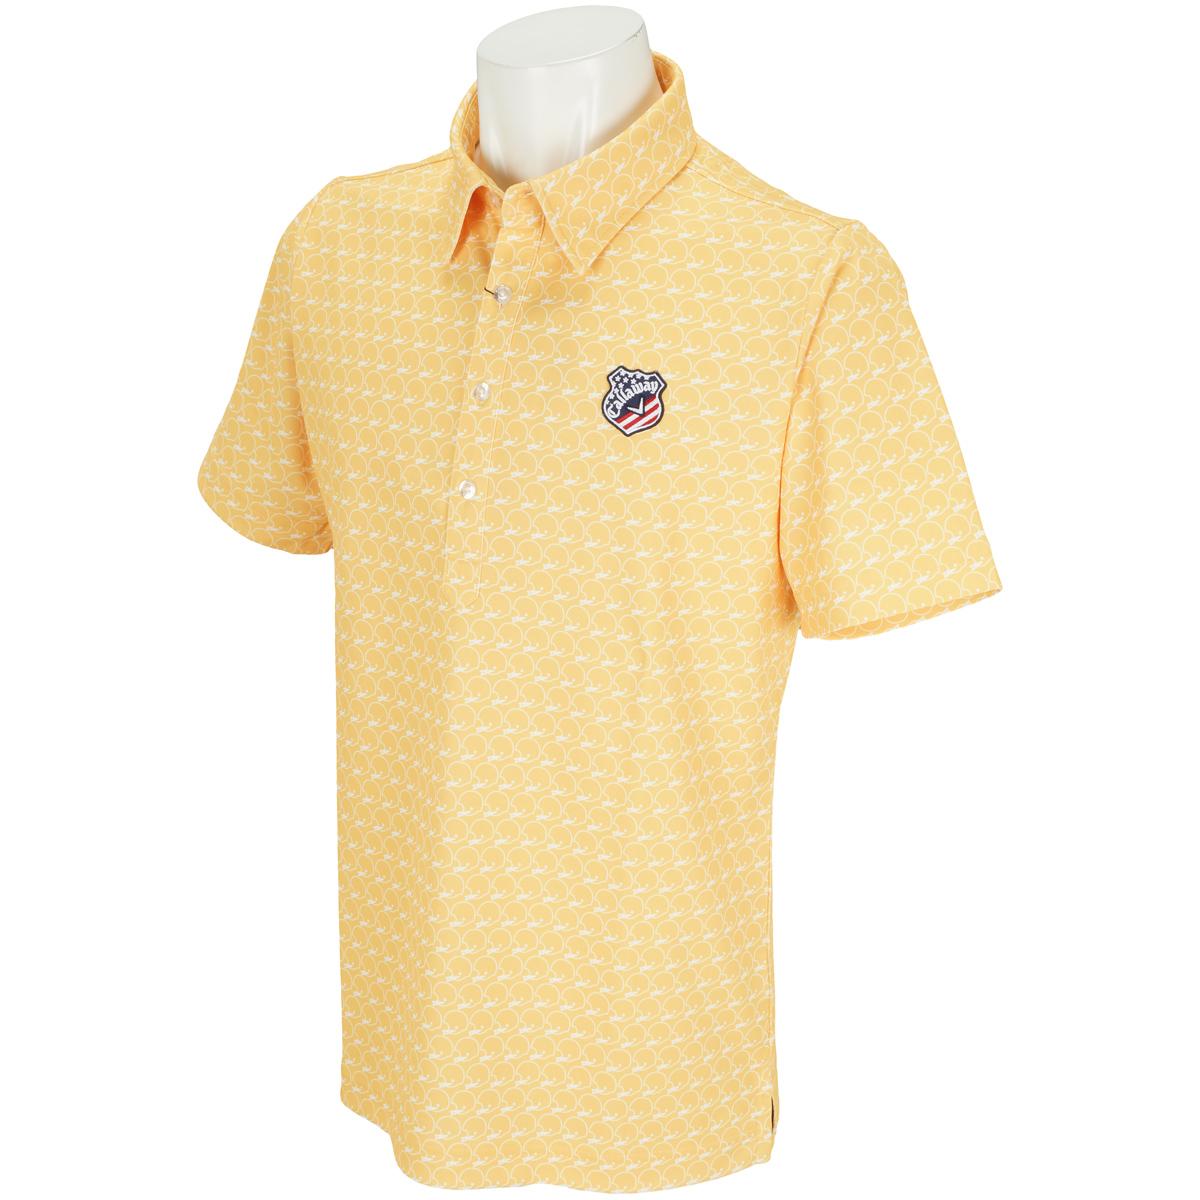 メット柄プリントレギュラーカラー半袖ポロシャツ